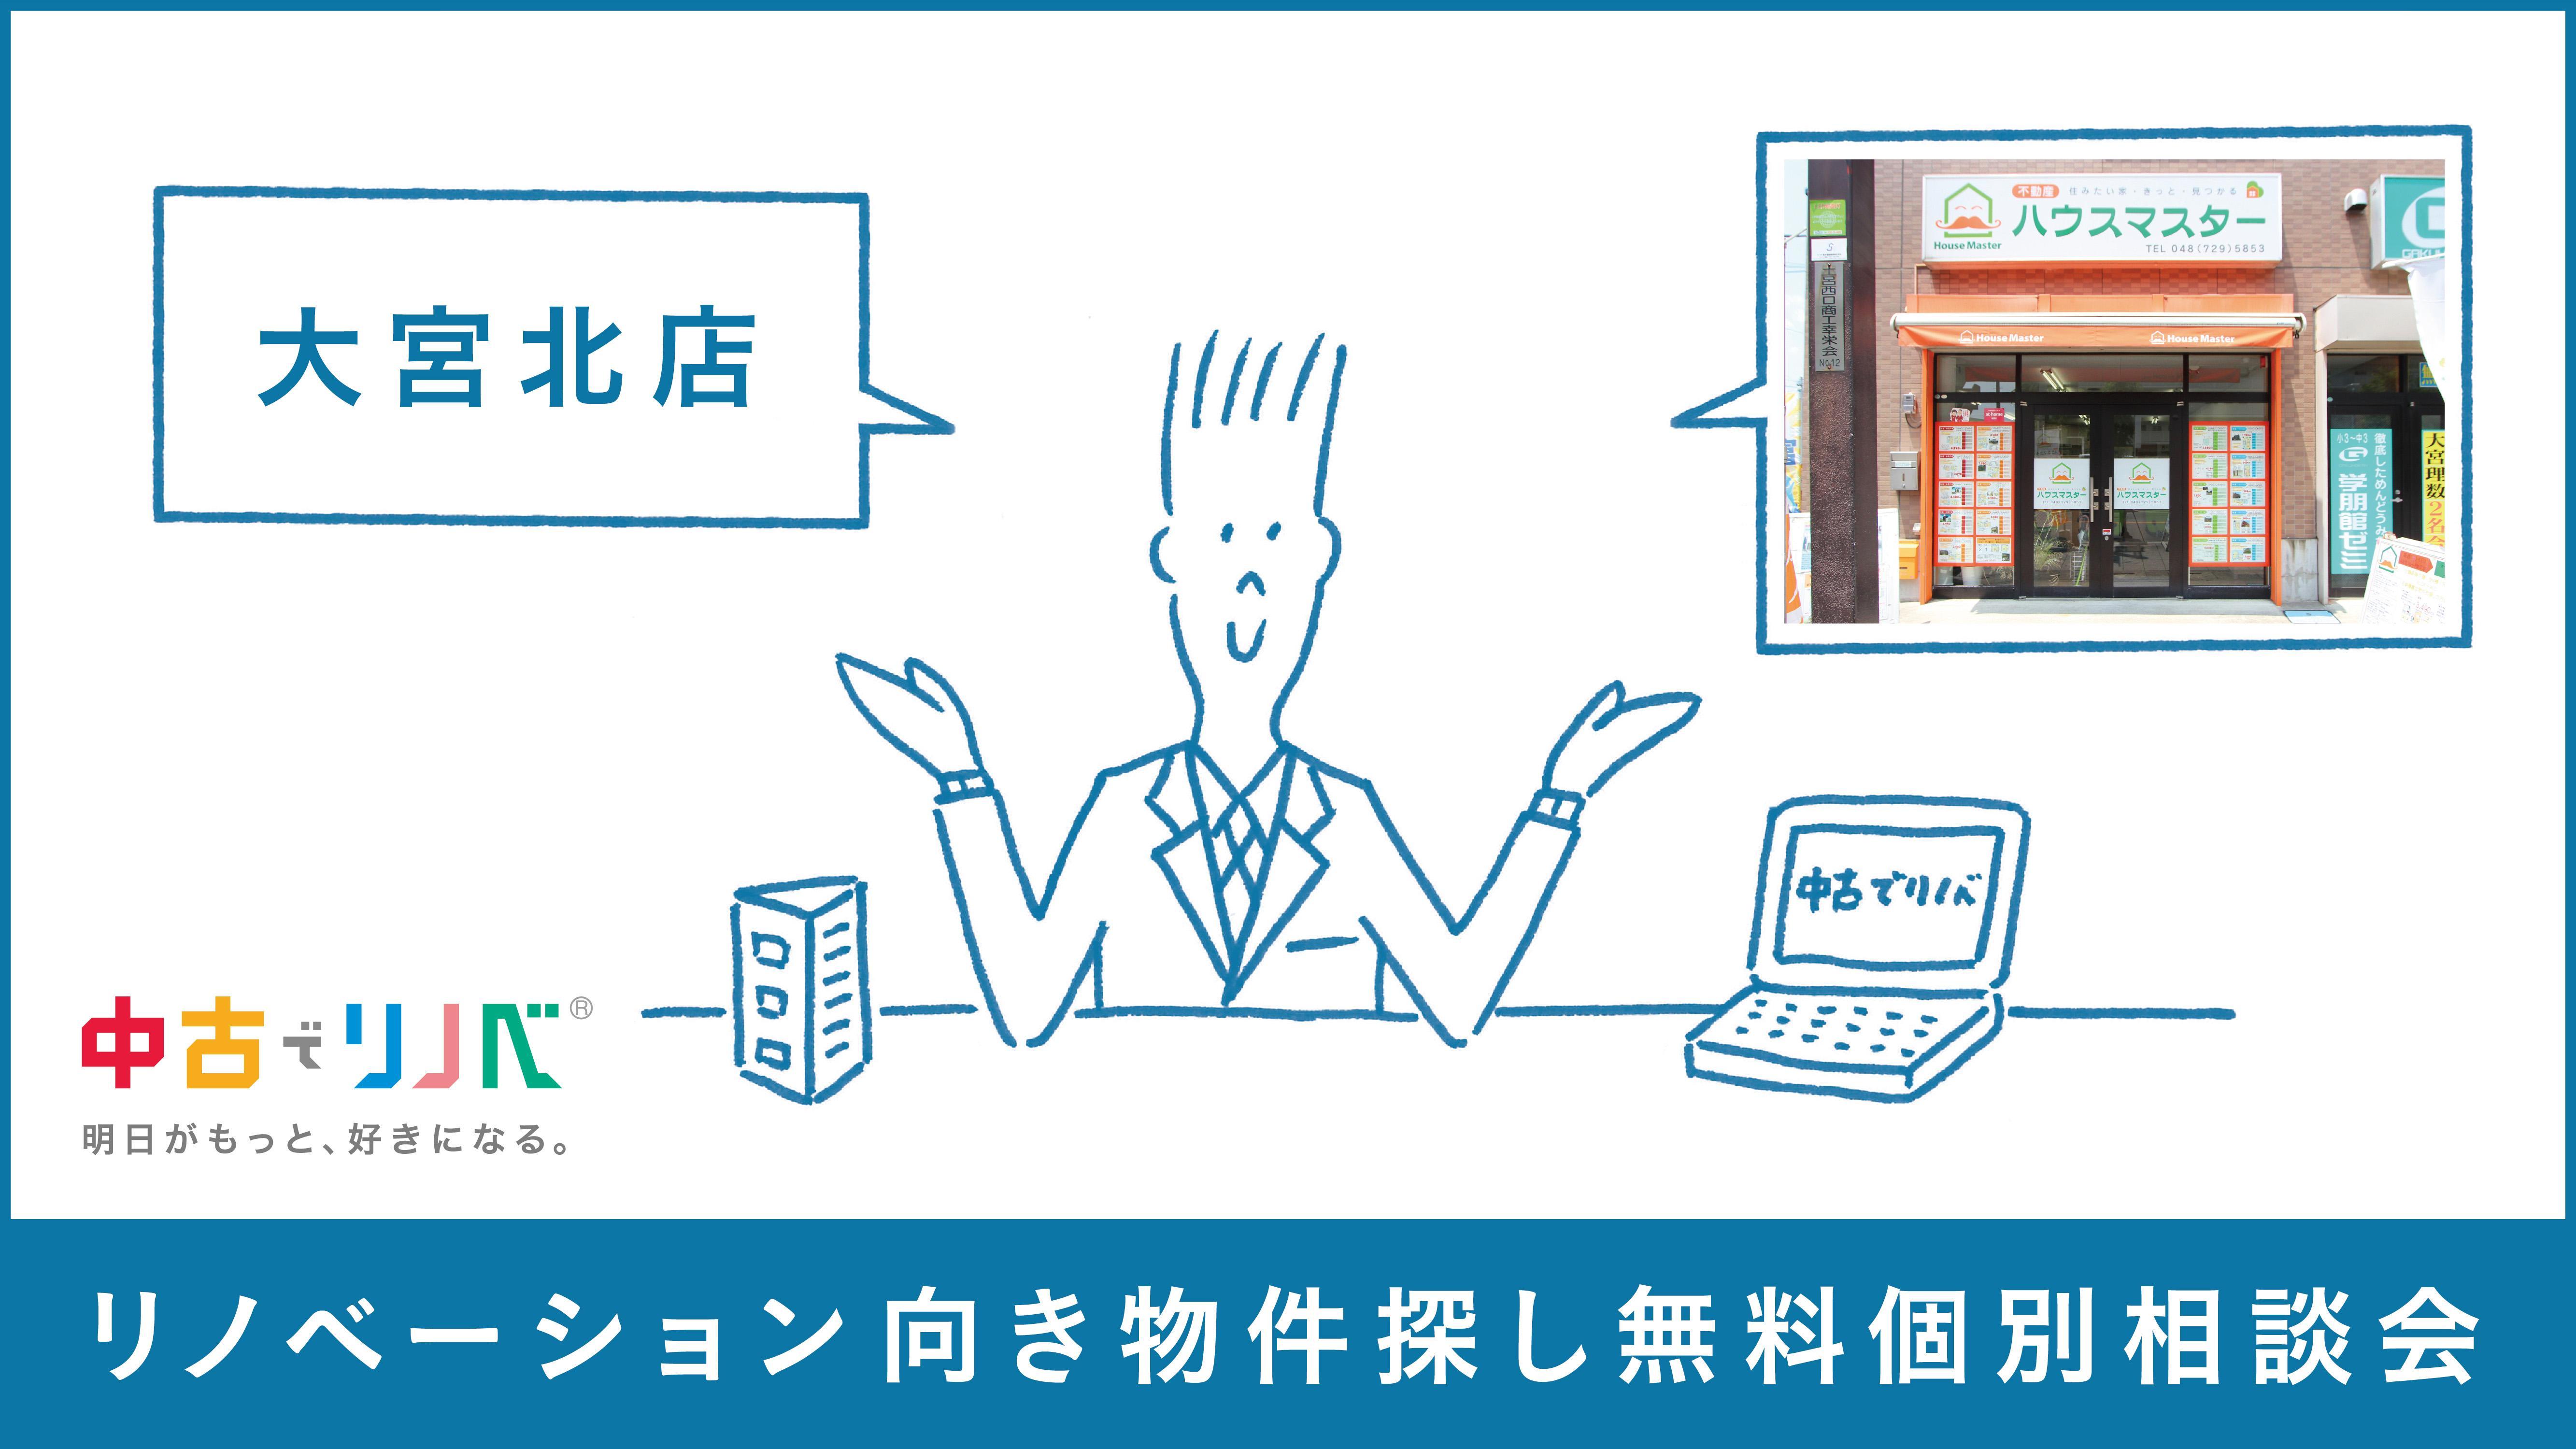 【10/7(土)8(日) in大宮北】リノベーション向き物件探し無料個別相談会